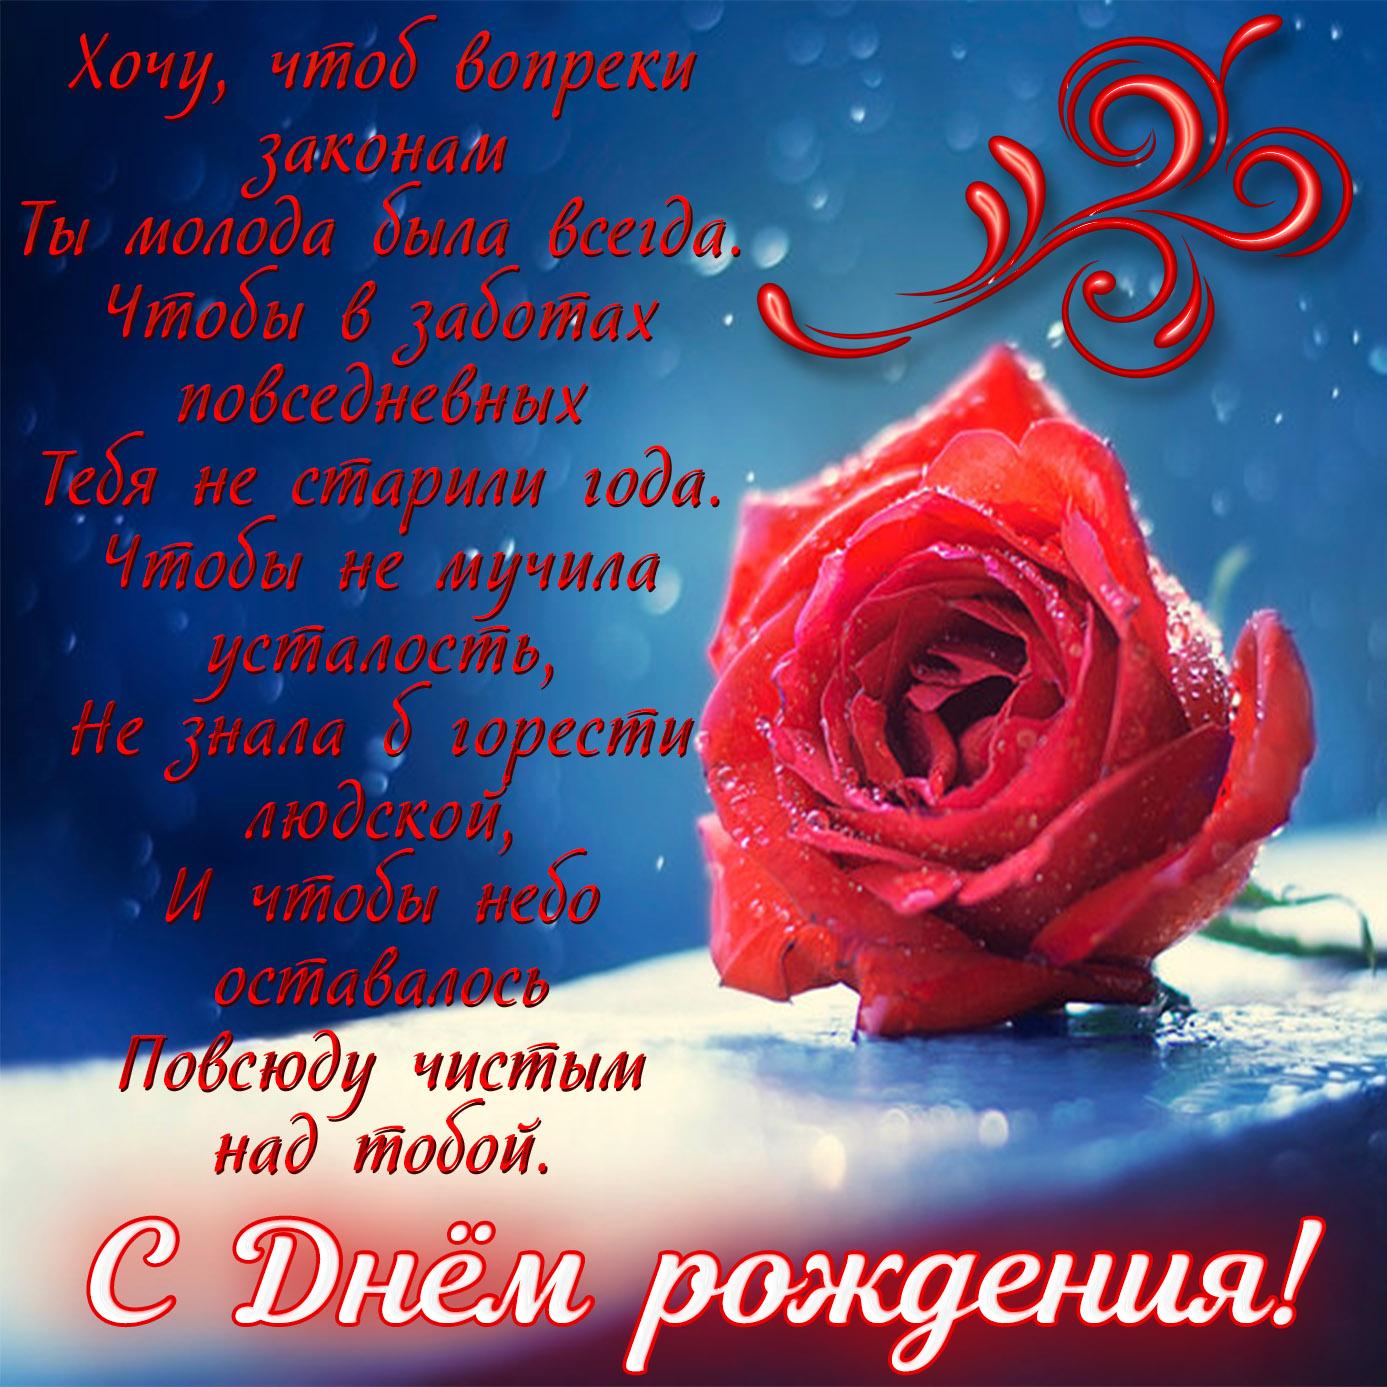 Яркая открытка с красной розой и пожеланием